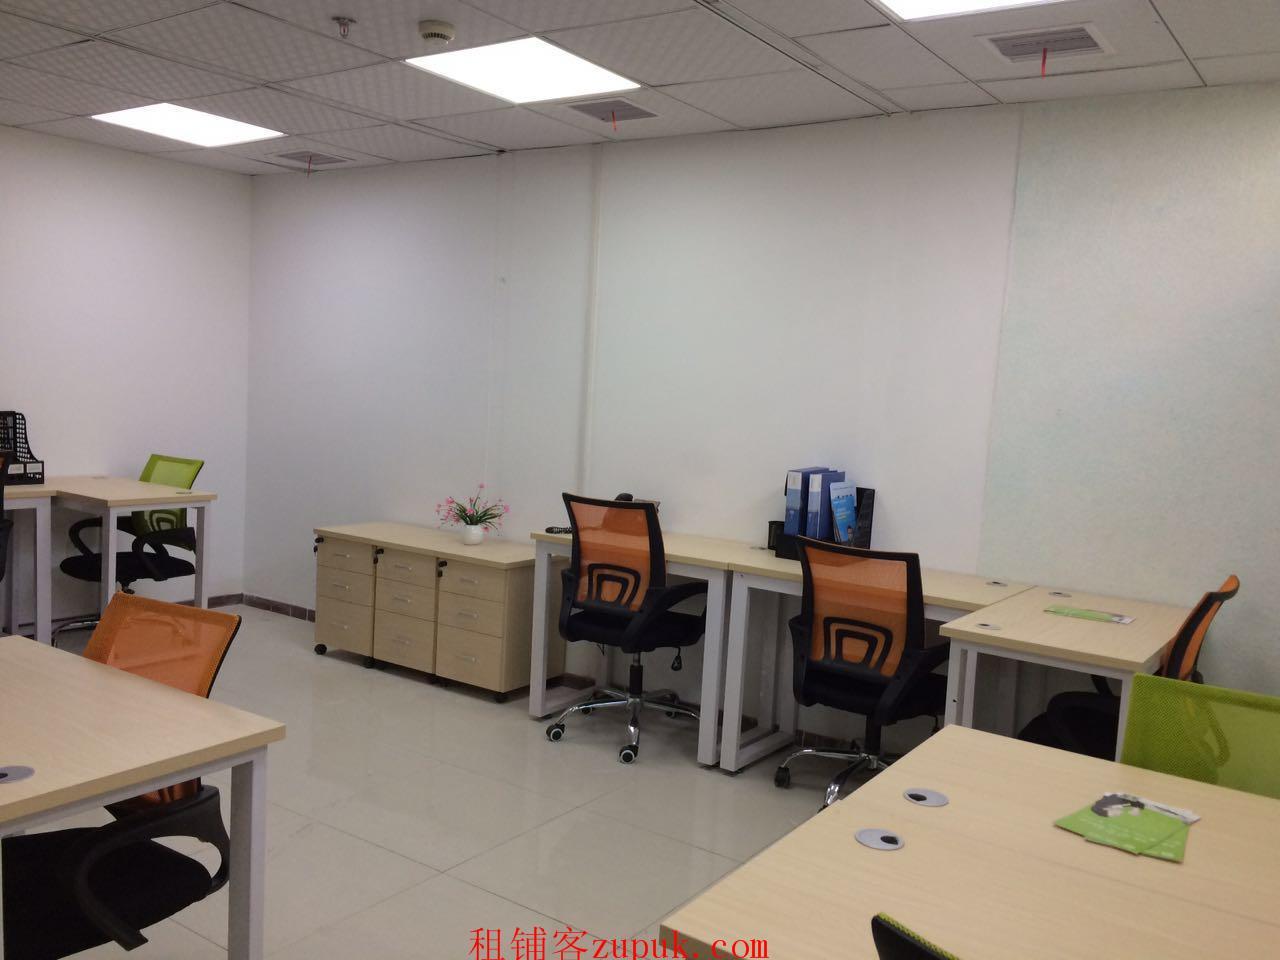 创富港小型写字楼出租适合办事处分公司注册公司地址300起